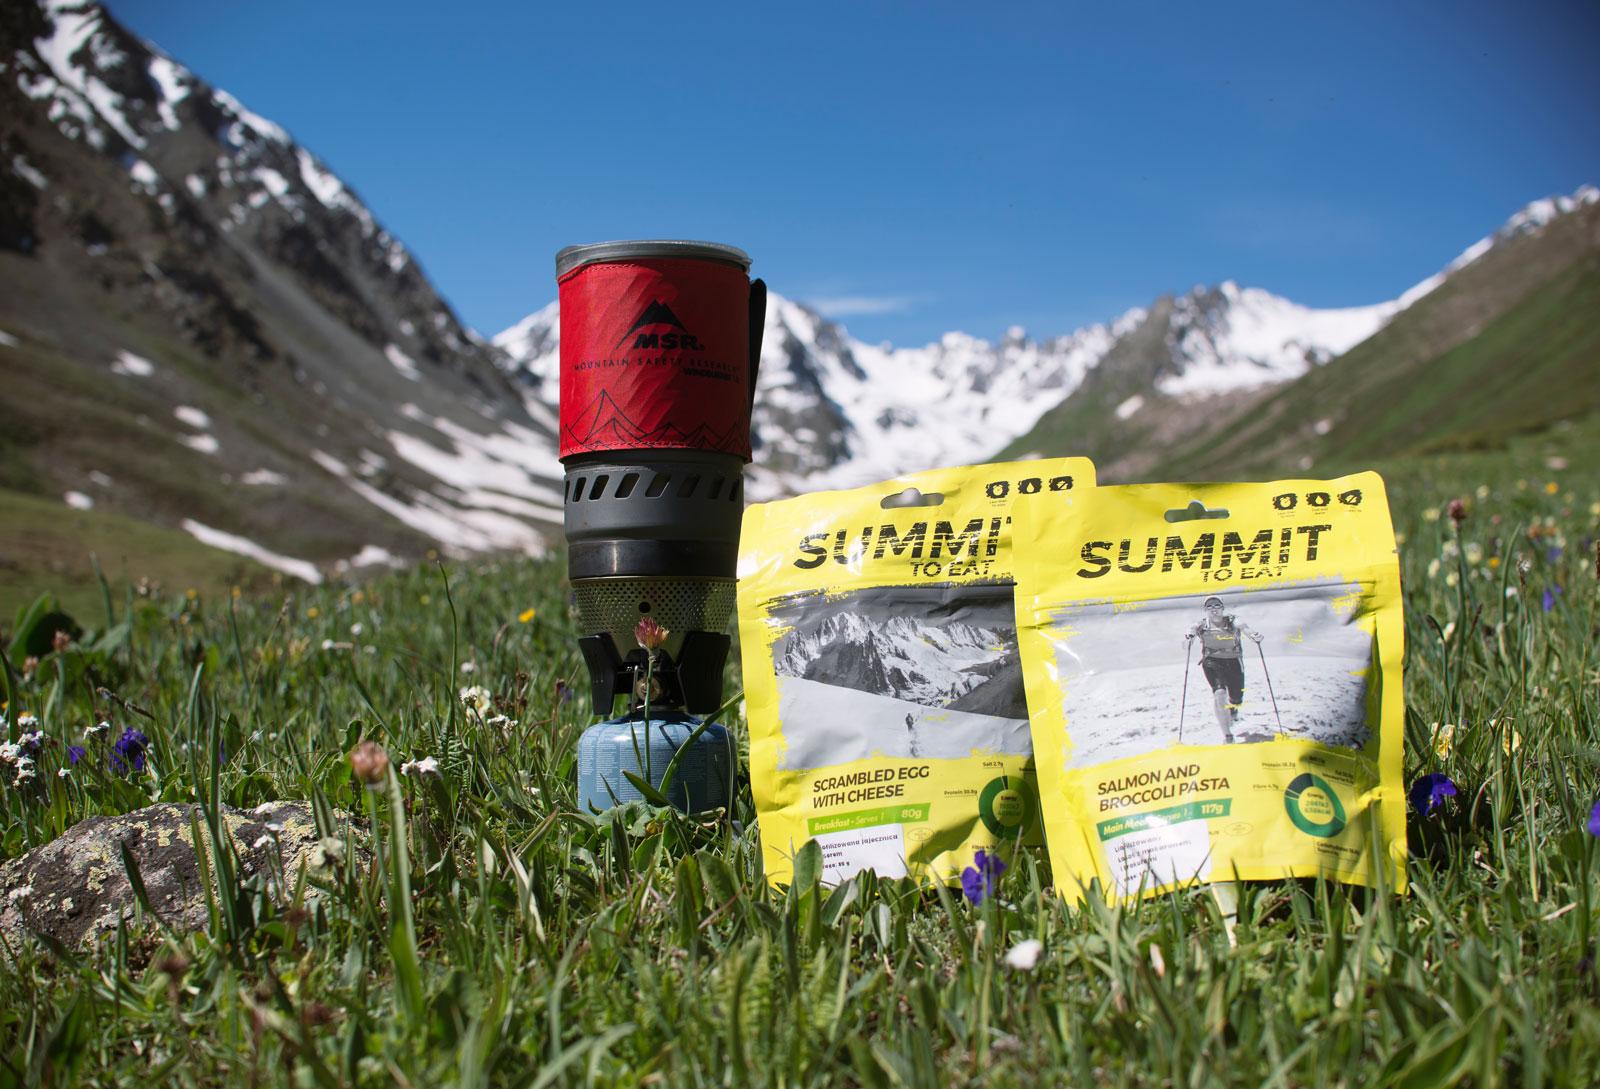 Żywność Liofilizowana Summit to Eat zastępuje Mountain House!